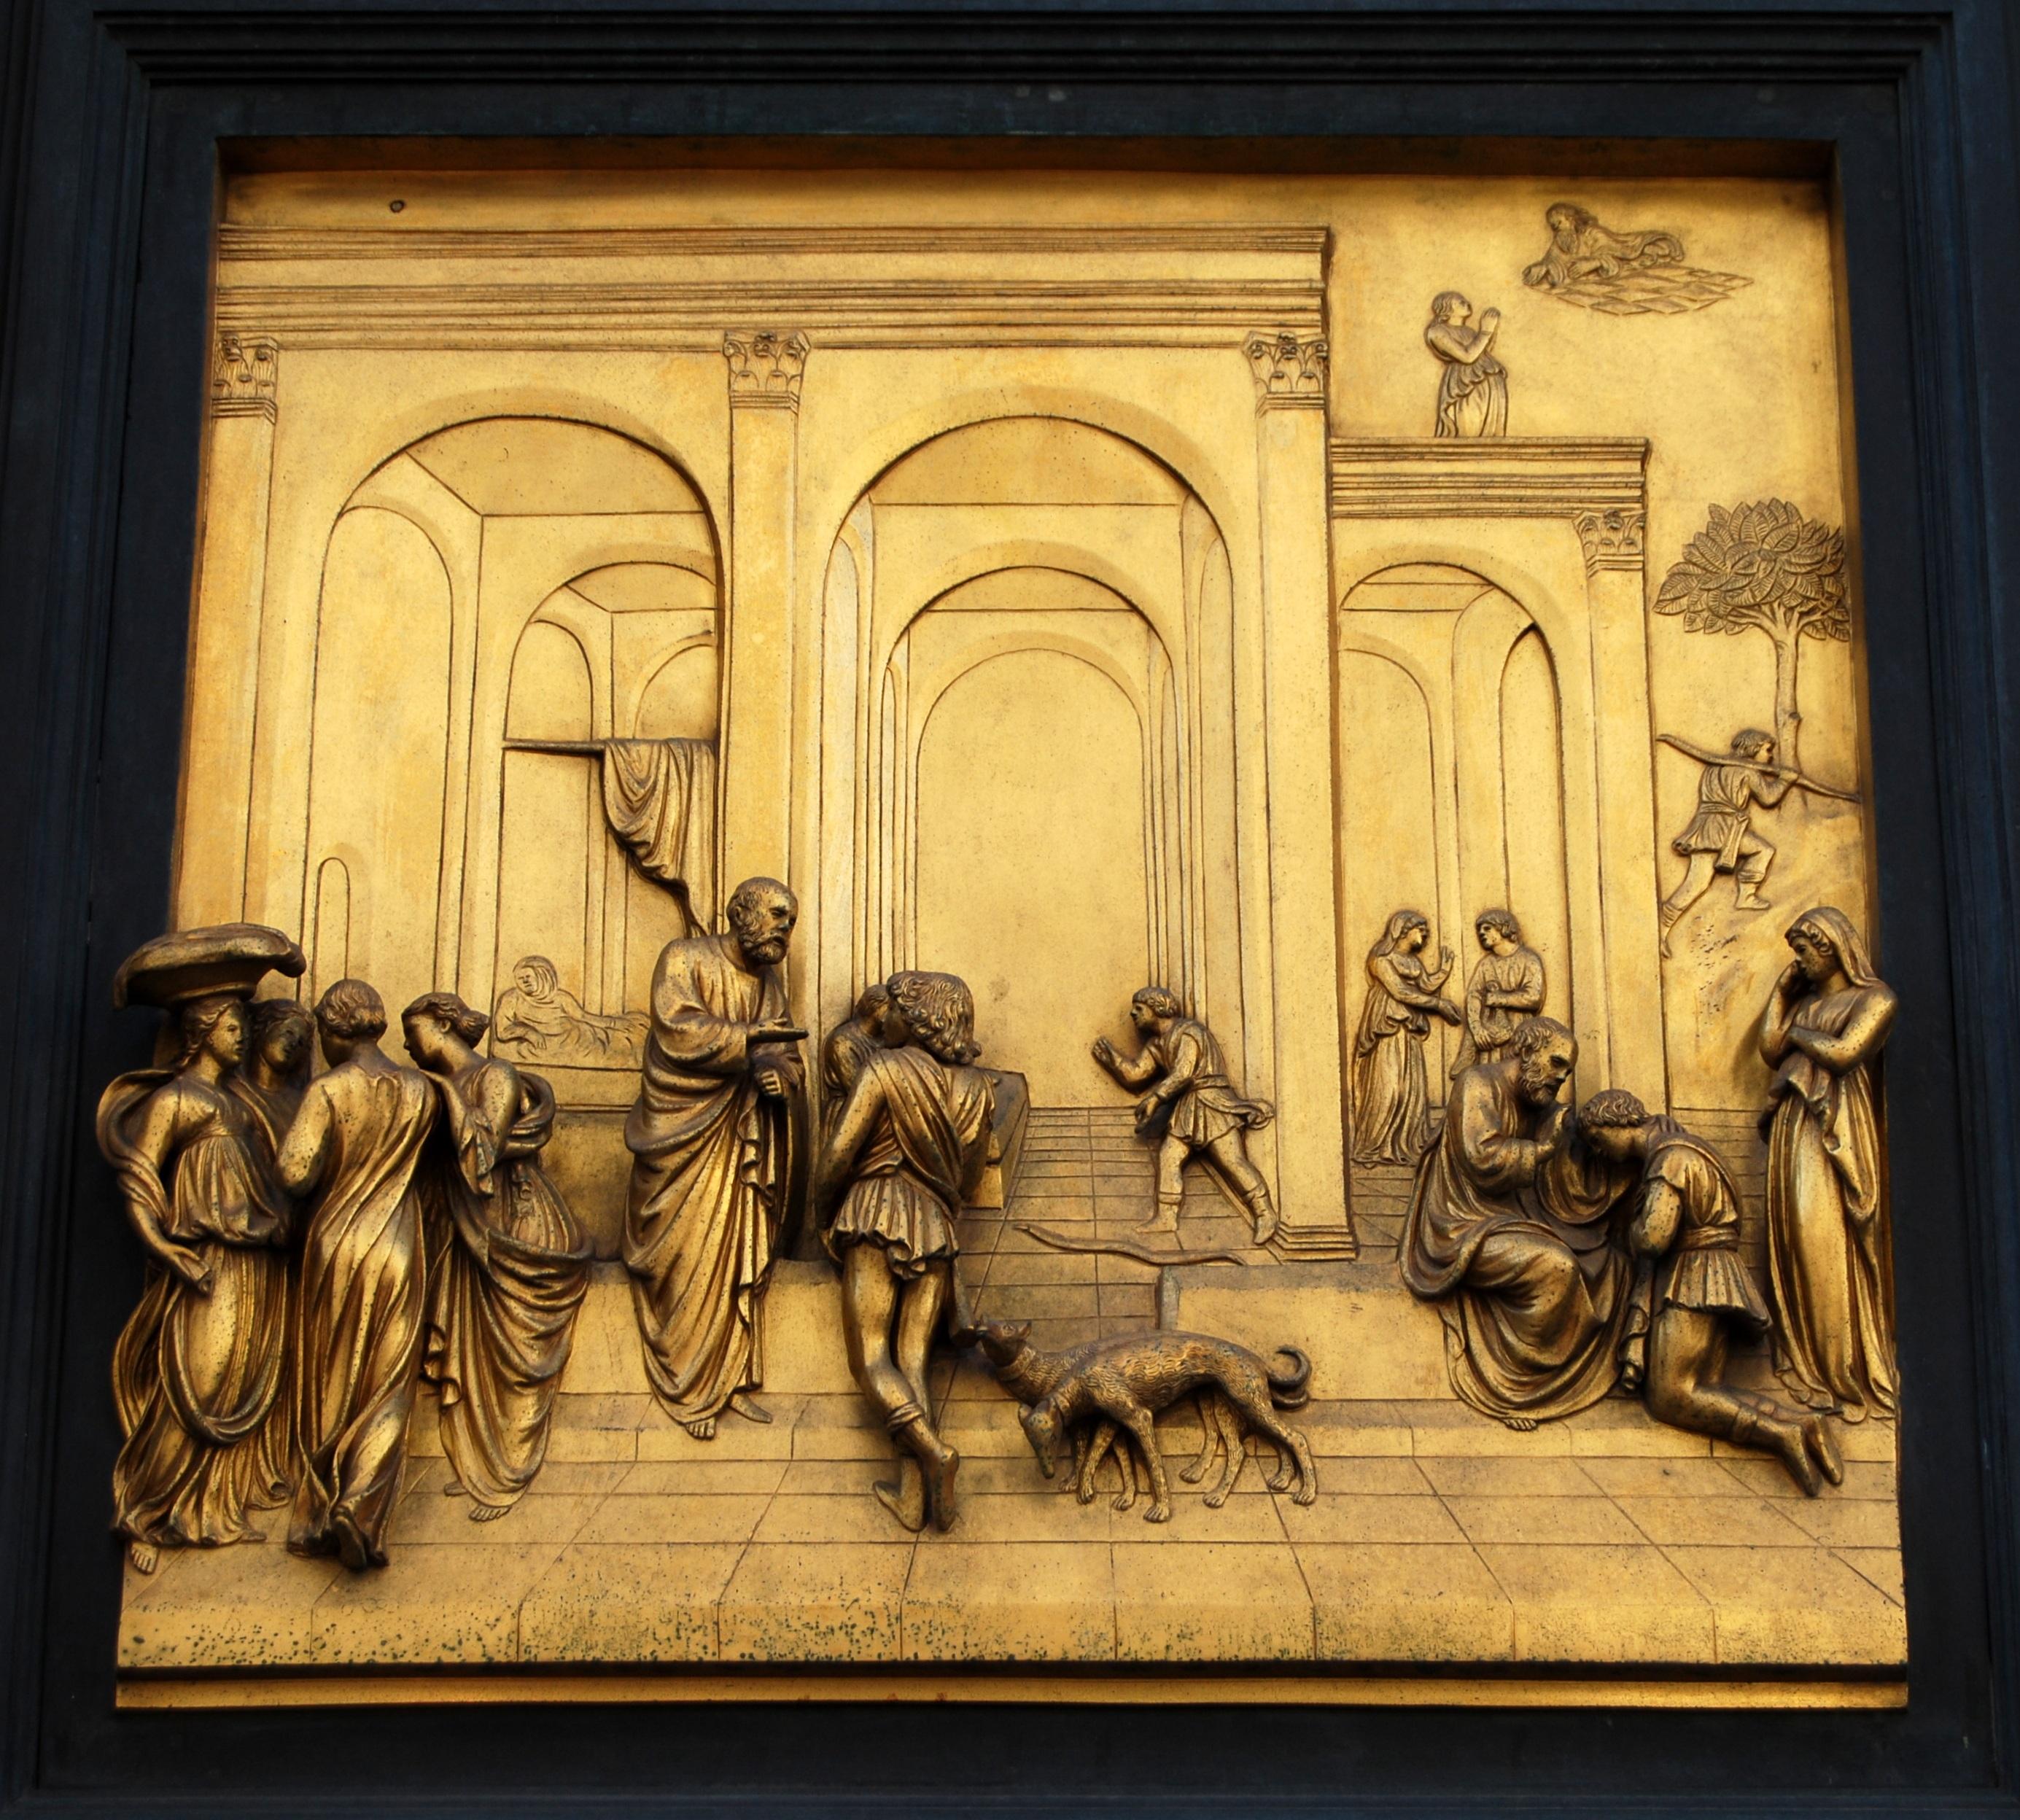 무료 이미지 작업 사람들 목재 창문 황금의 이탈리아 토스카나 그림 세례당 조각 사진